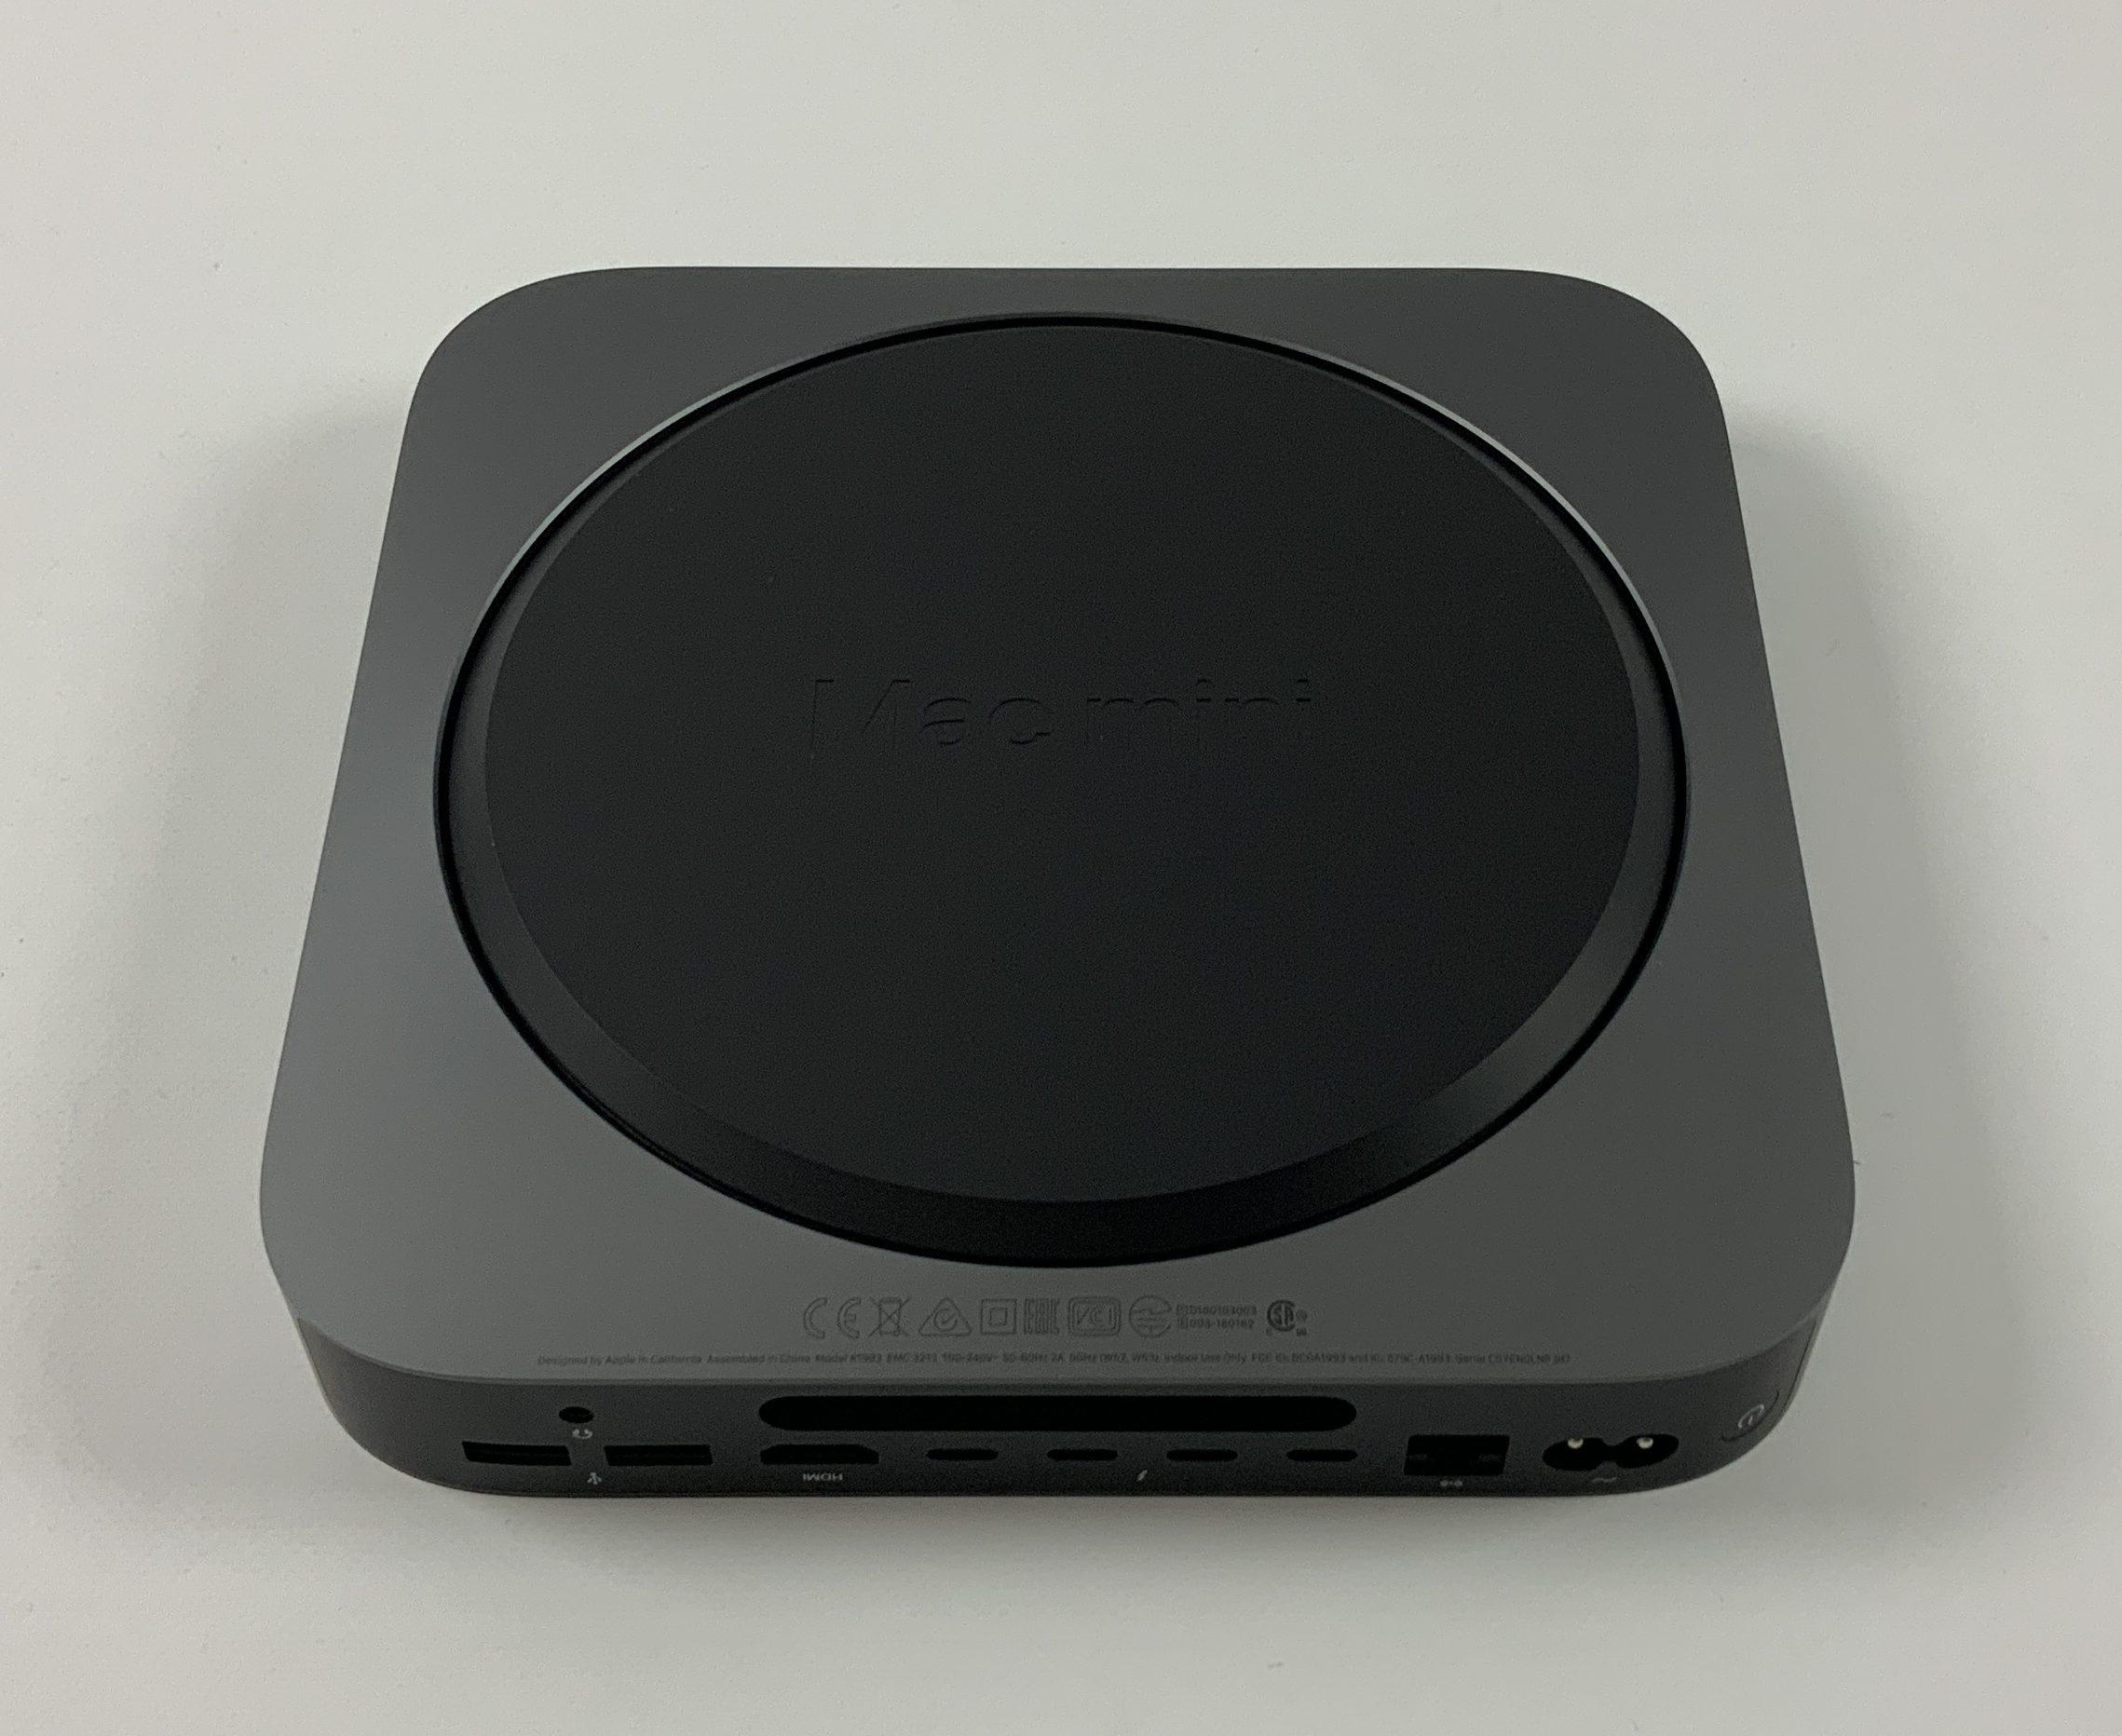 Mac Mini Early 2020 (Intel Quad-Core i3 3.6 GHz 64 GB RAM 256 GB SSD), Intel Quad-Core i3 3.6 GHz, 64 GB RAM, 256 GB SSD, bild 2